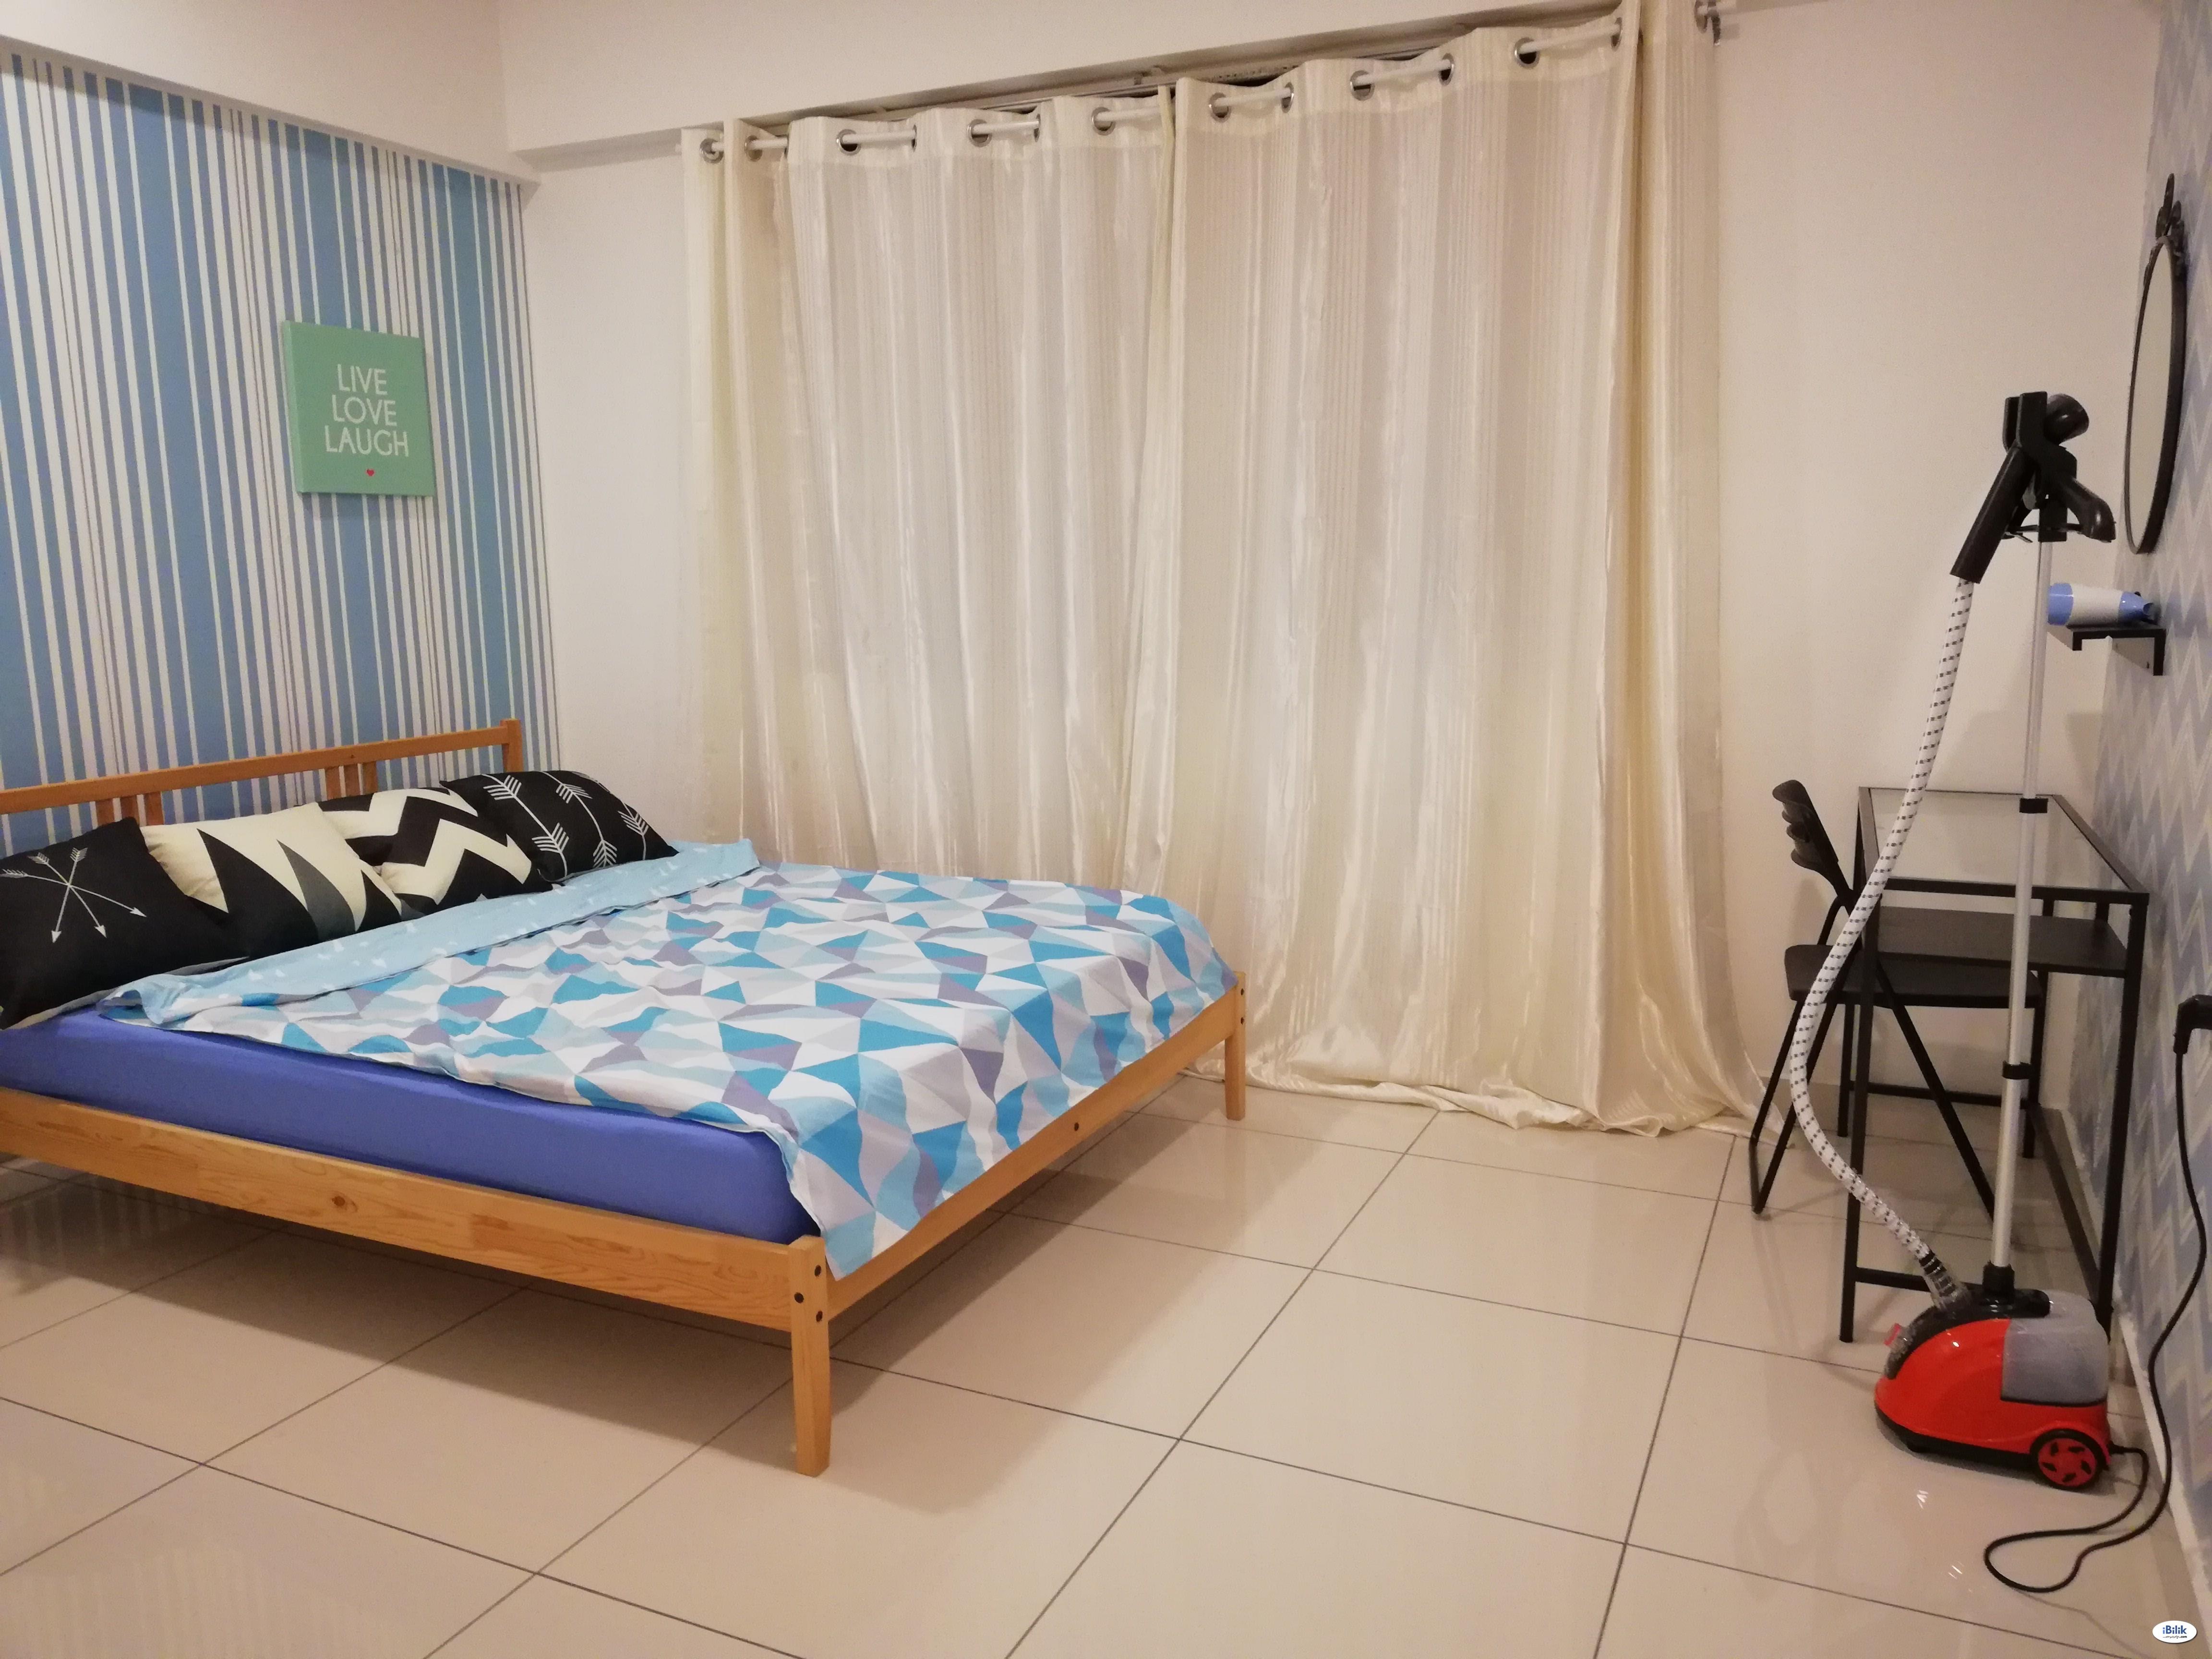 Suite at Avenue D'Vogue, Petaling Jaya